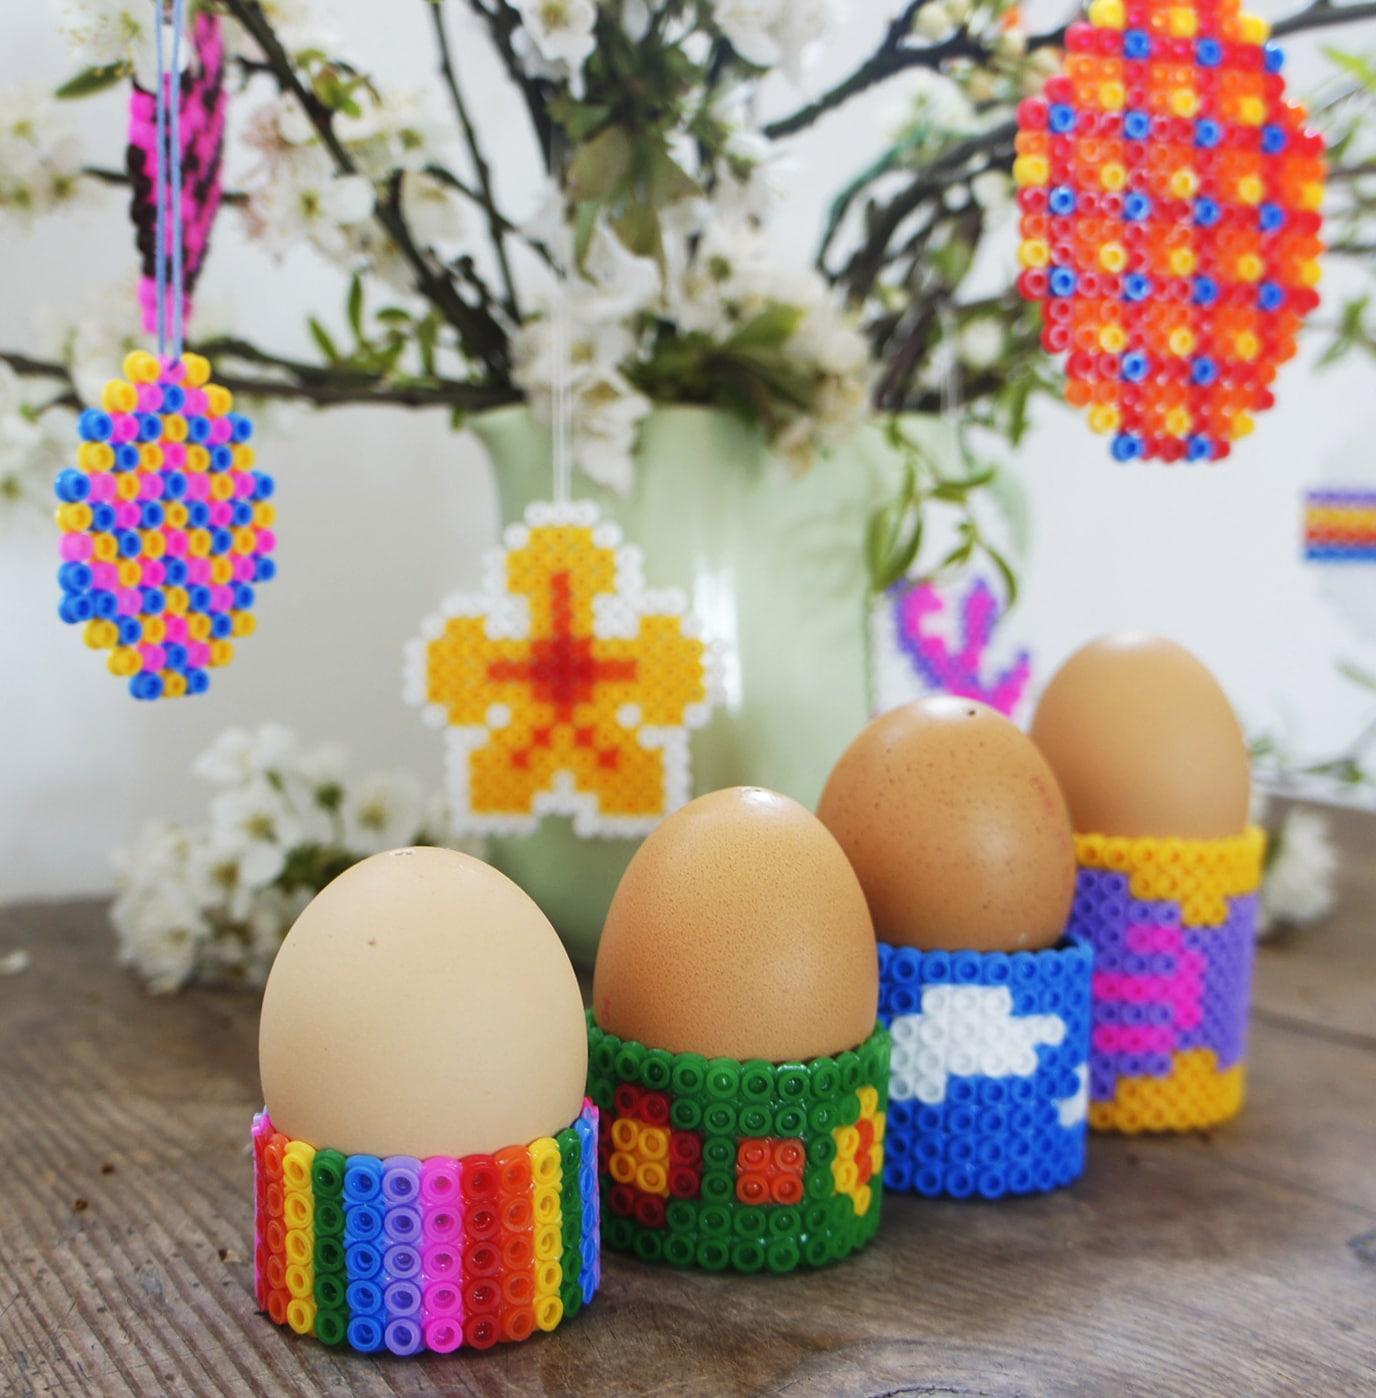 Diy eierbecher aus b gelperlen basteln handmade kultur - Eierbecher selber basteln ...